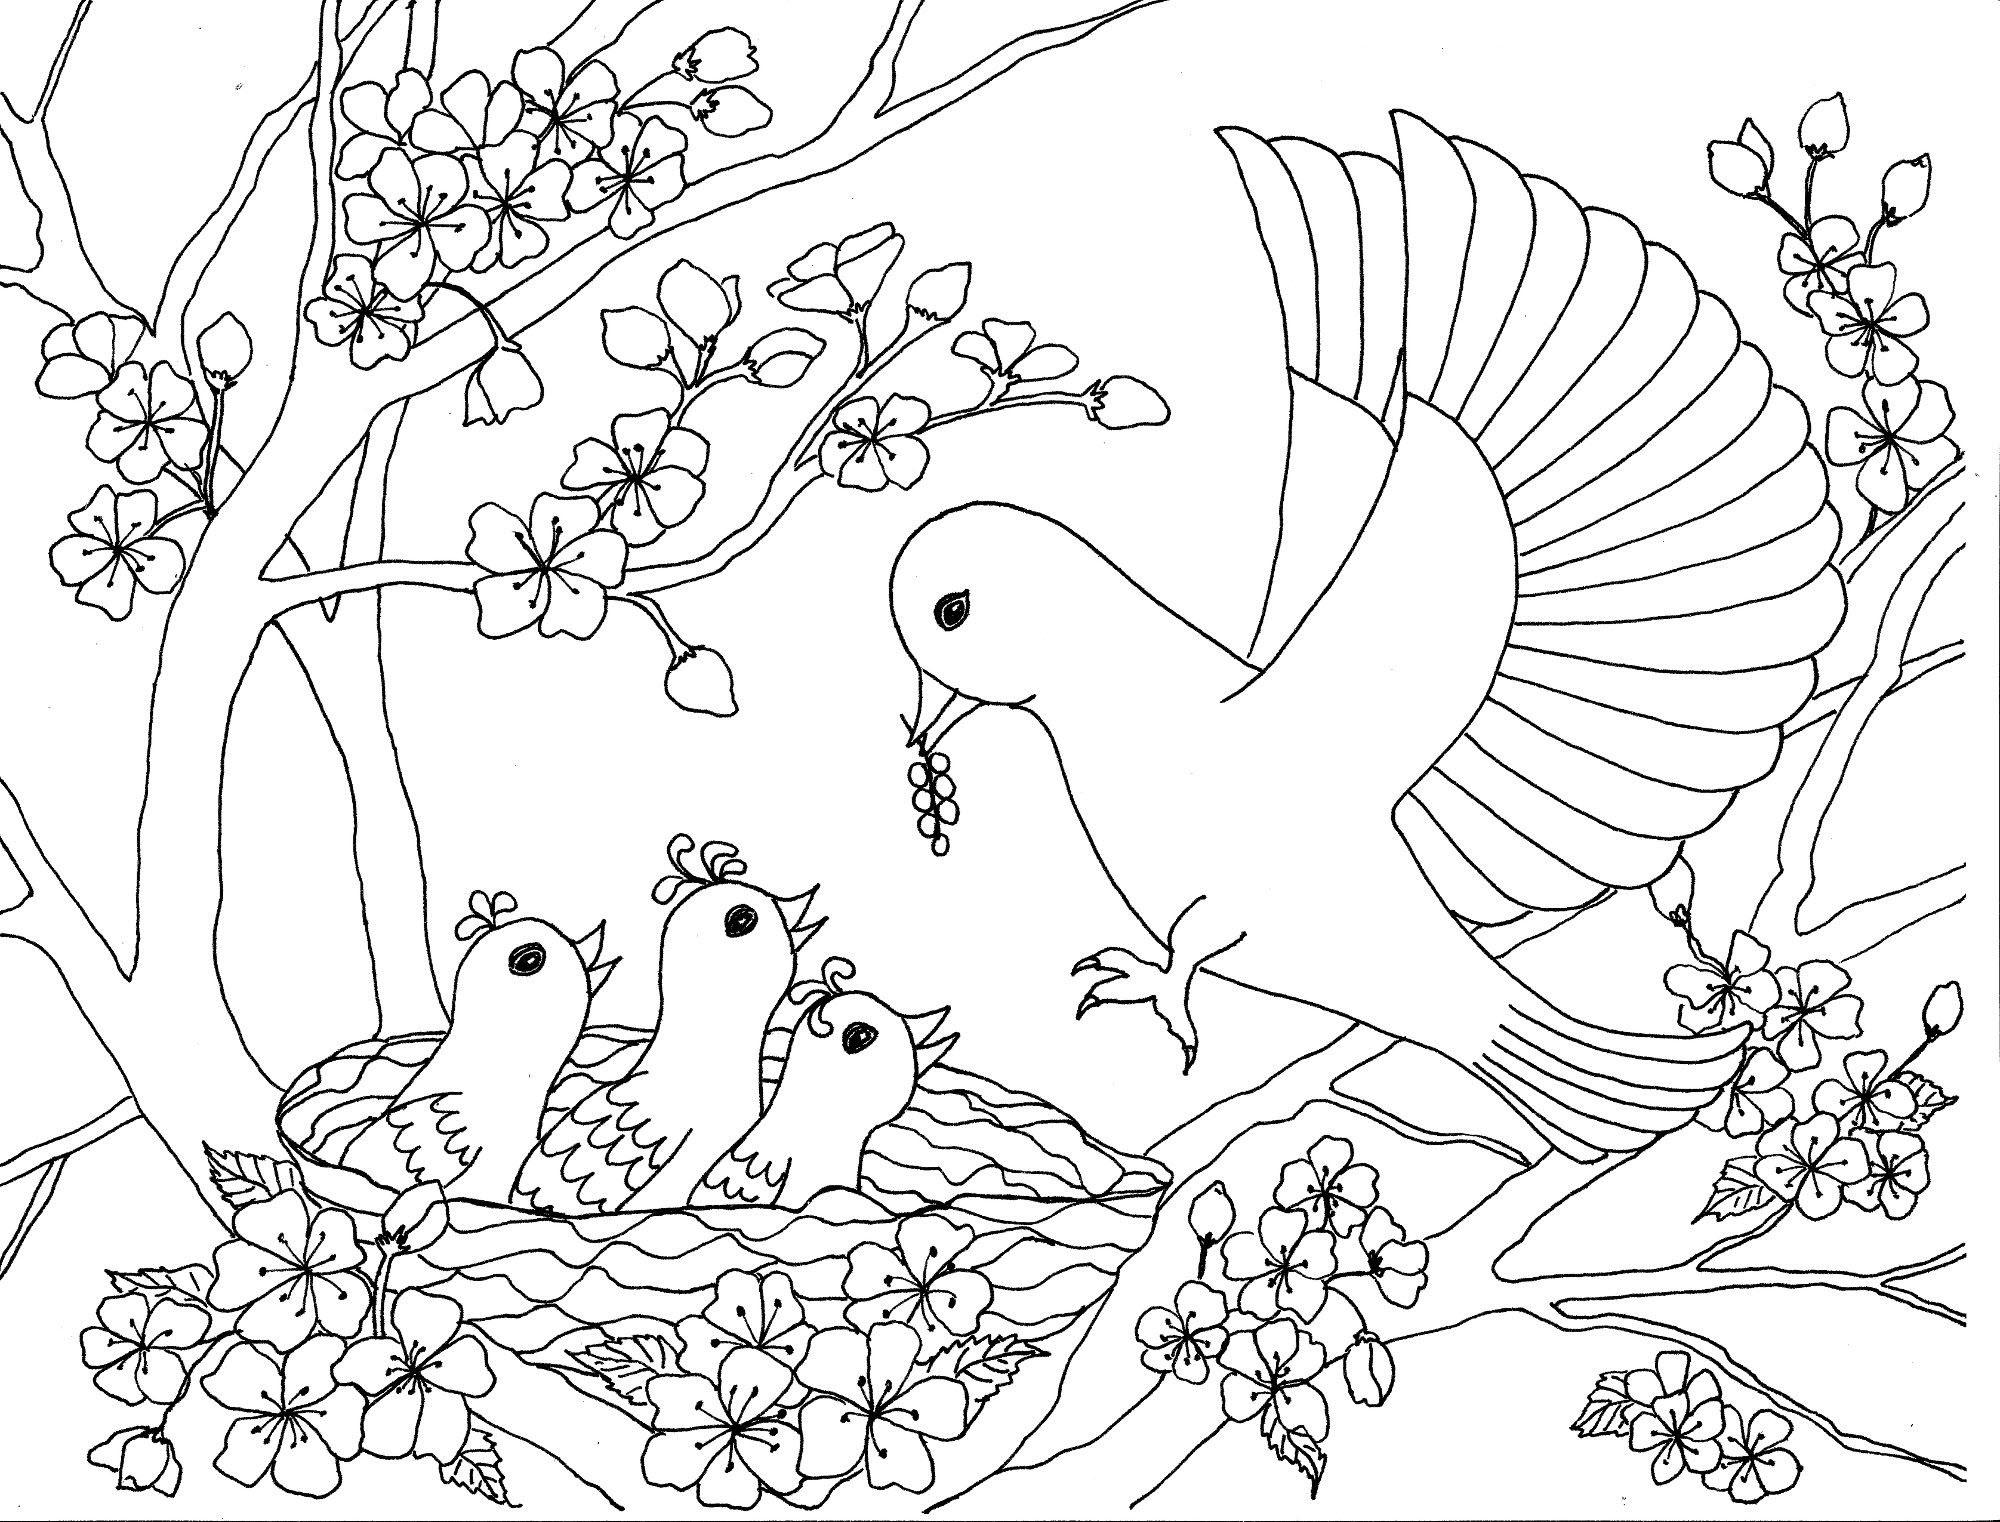 Tranh tô màu hoa đào và đàn chim non